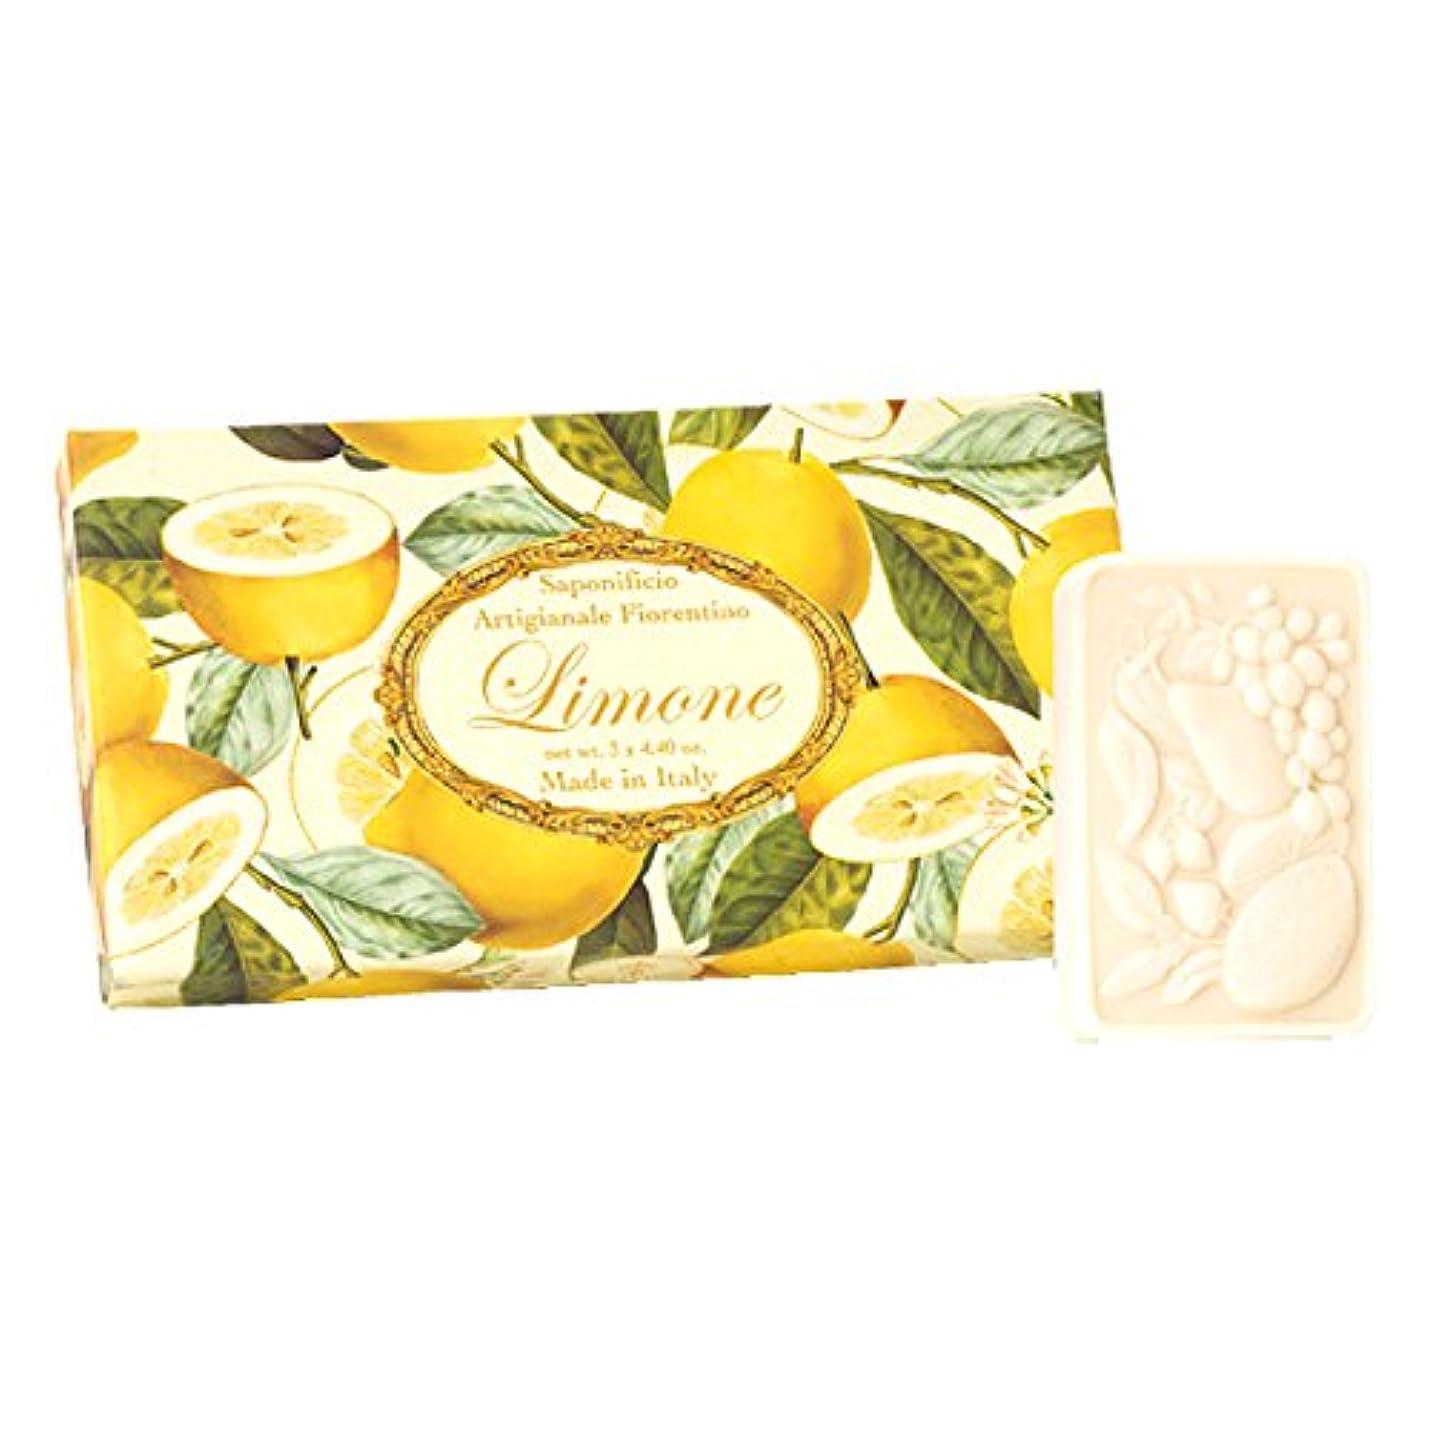 決定的塩辛いマークされたフィレンツェの 長い歴史から生まれたこだわり石鹸 レモン【刻印125g×3個セット】